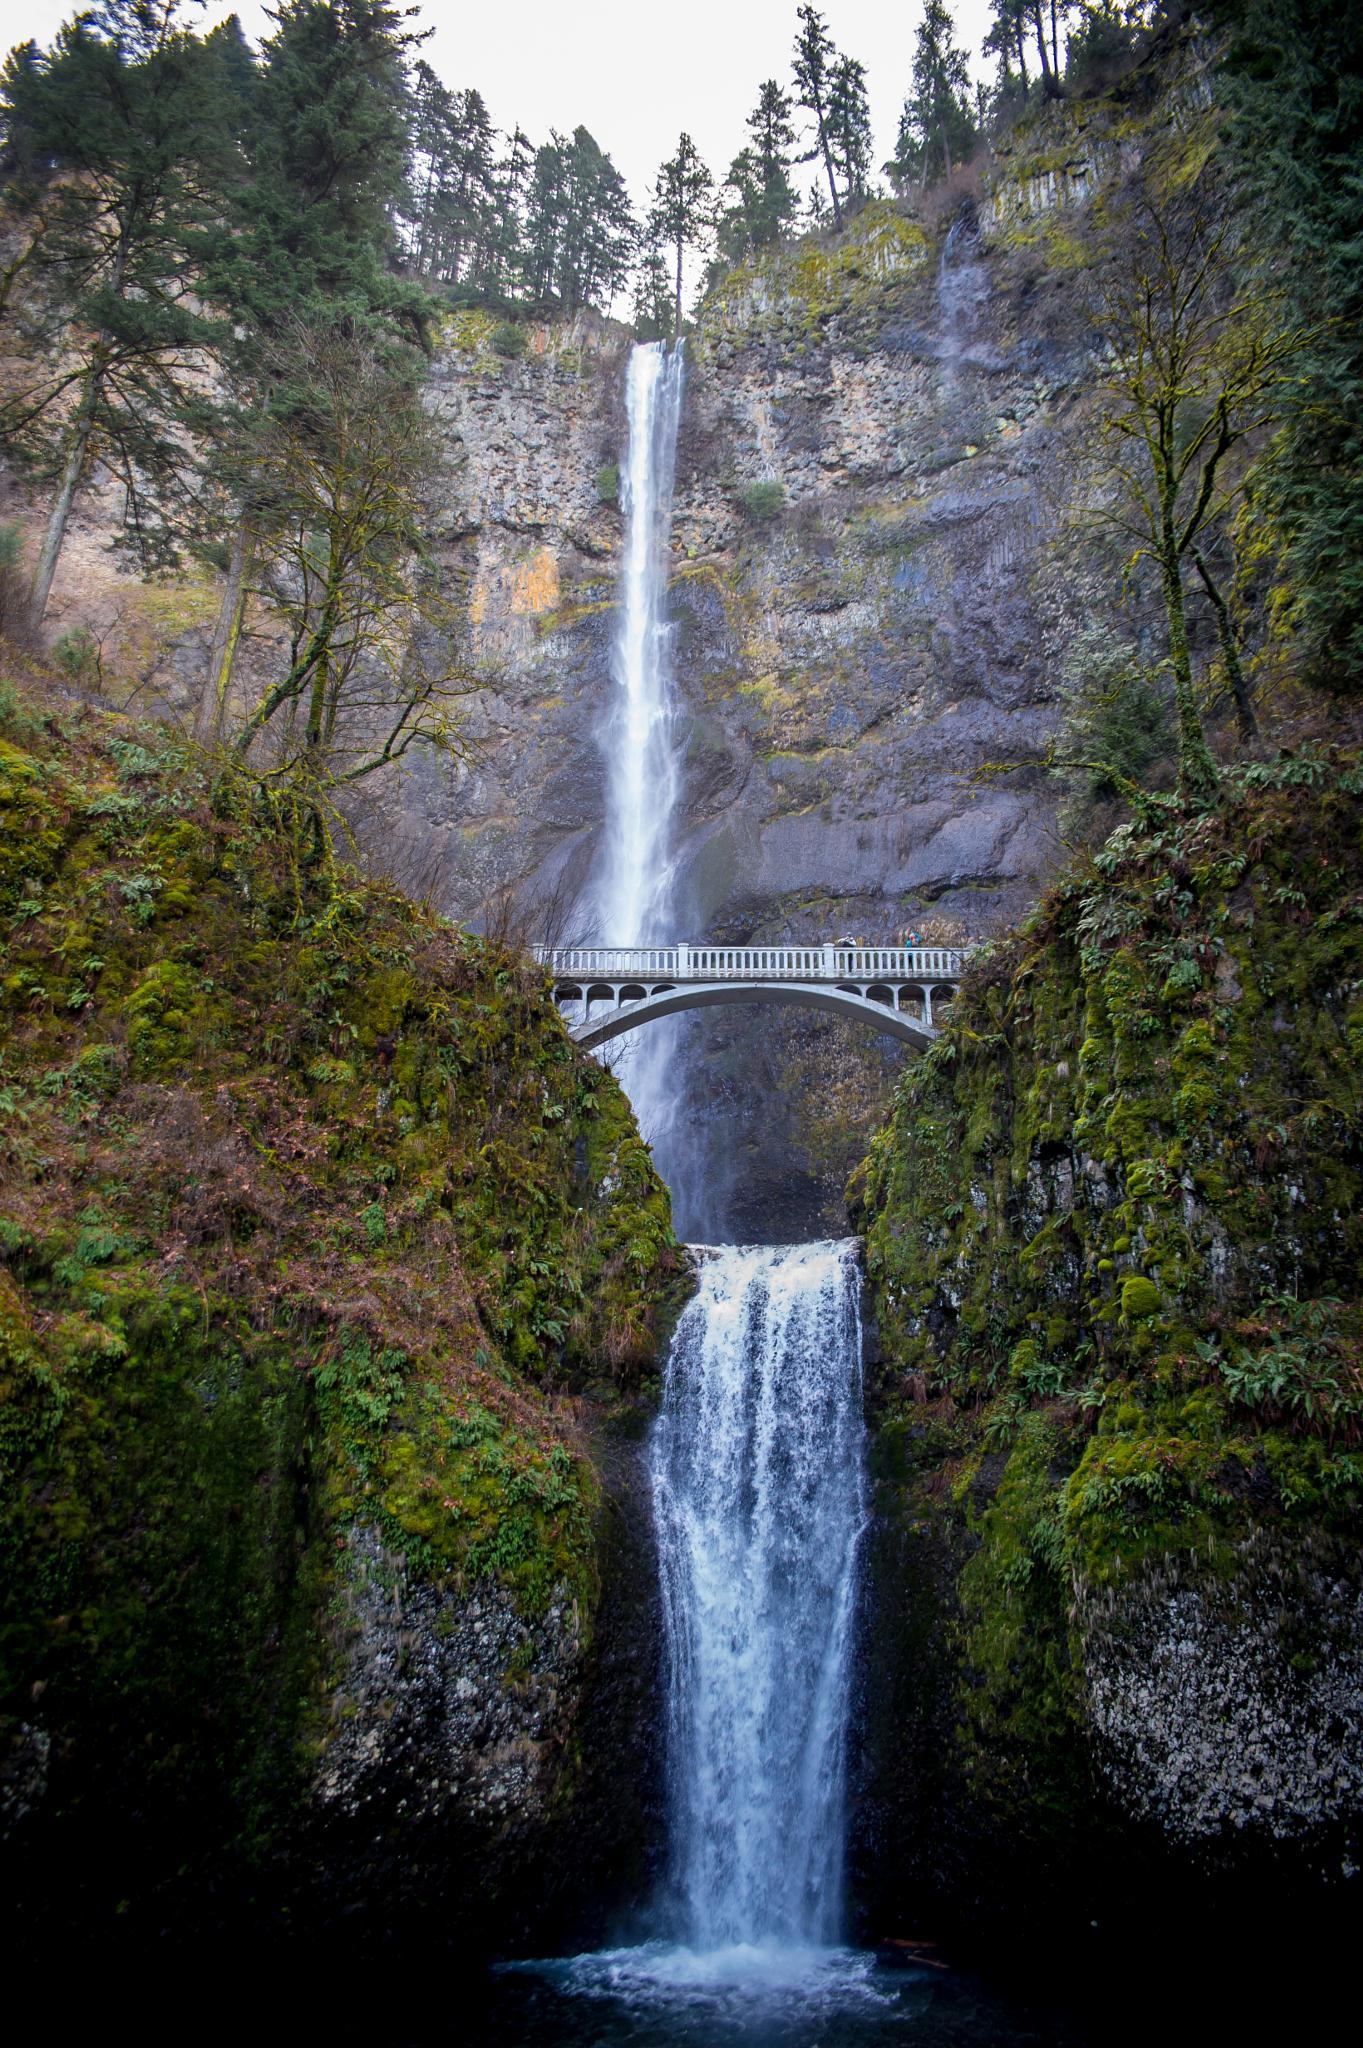 Multnomah Falls by cyourworldmyeyes